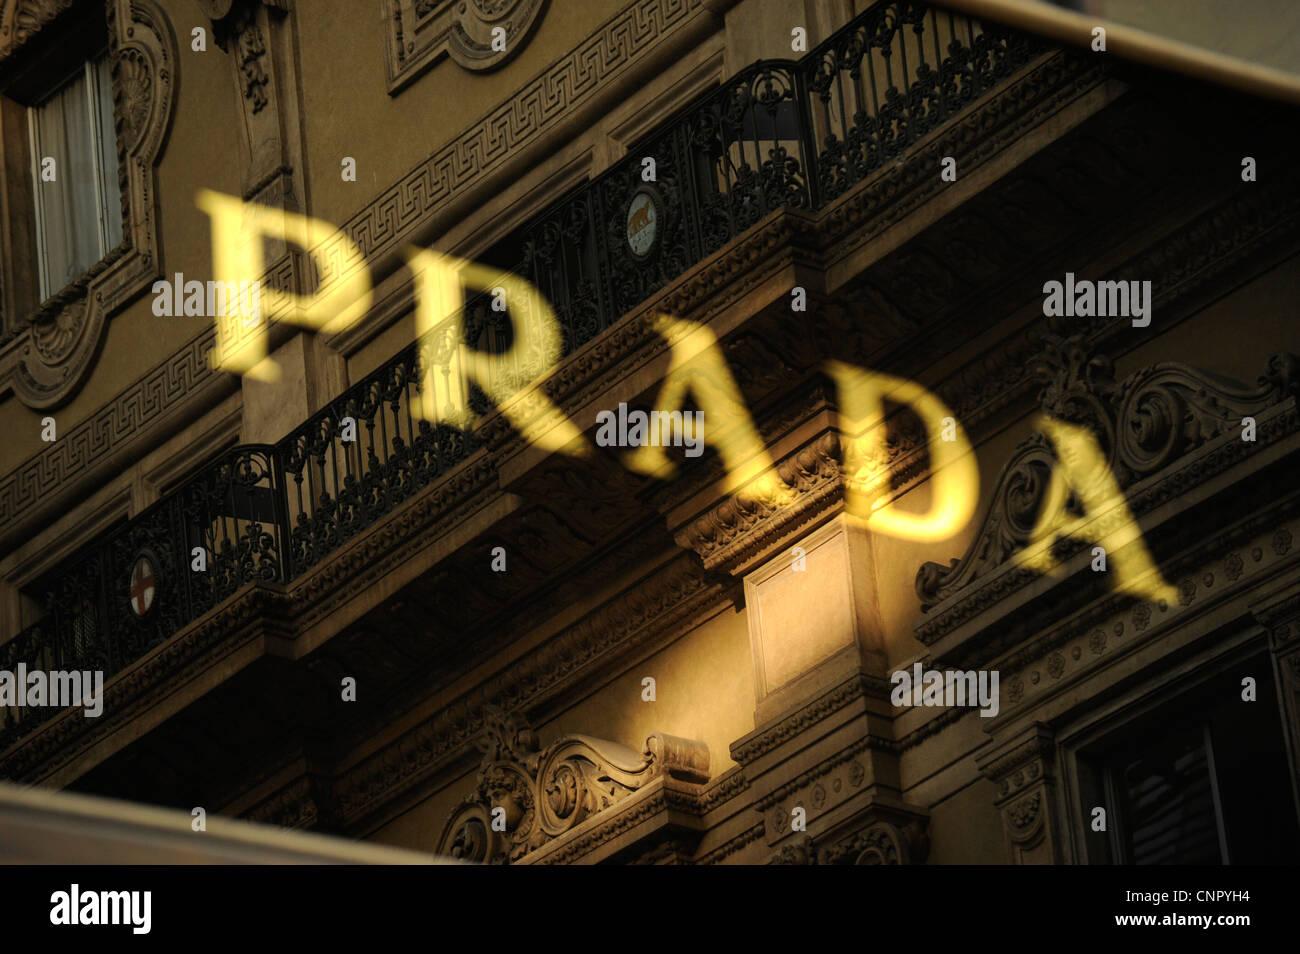 Prada shop. Galleria Vittorio Emanuele II. Milan, Italy - Stock Image